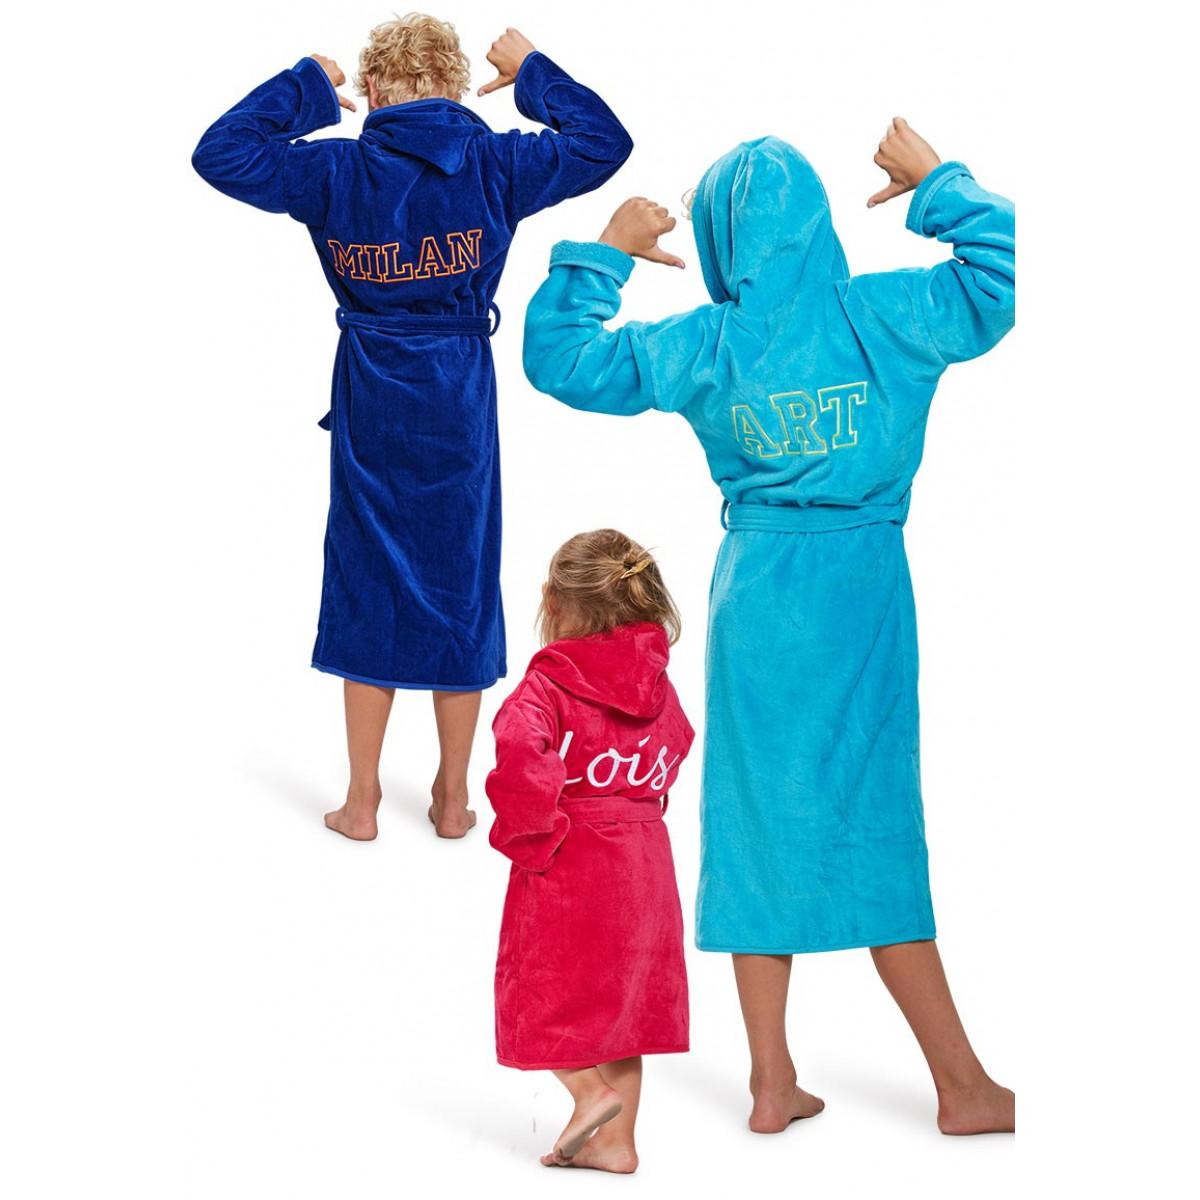 Kinderbadjas borduren met naam